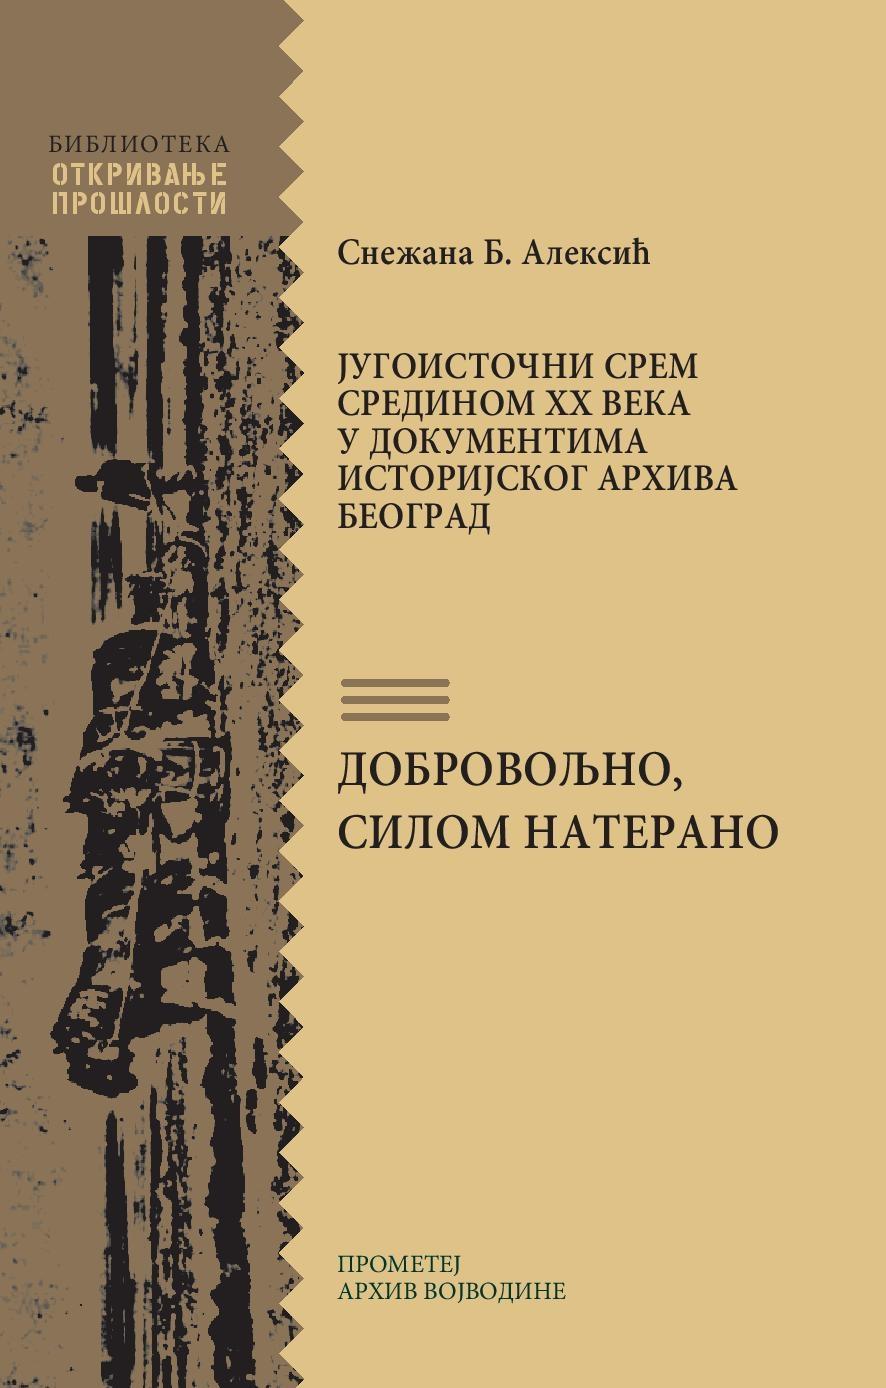 Добровољно, силом натерано – југоисточни Срем средином XX века у документима Историјског архива Београда